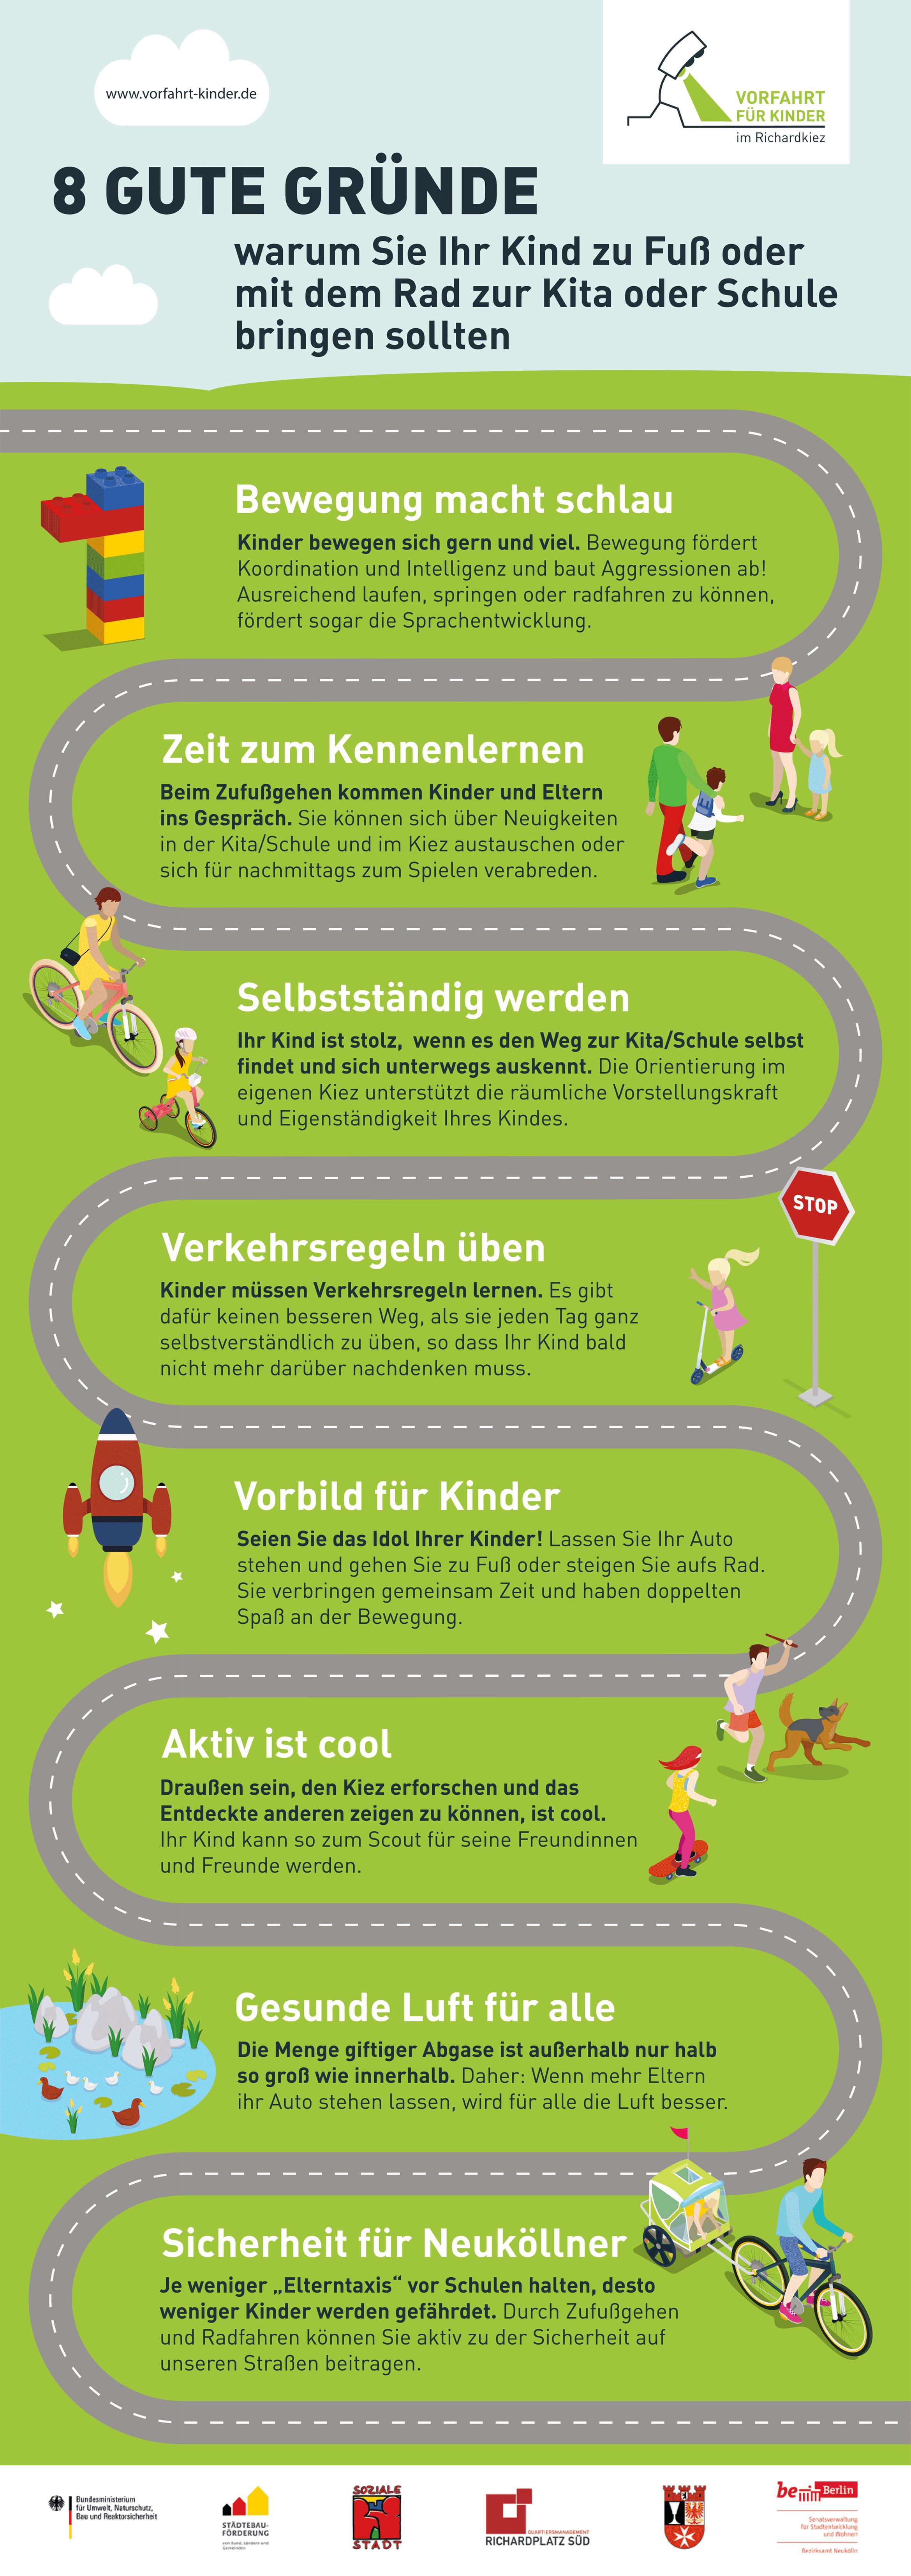 8 gute Gründe, warum Sie Ihr Kind zu Fuß oder mit dem Rad zur Kita oder Schule bringen sollten